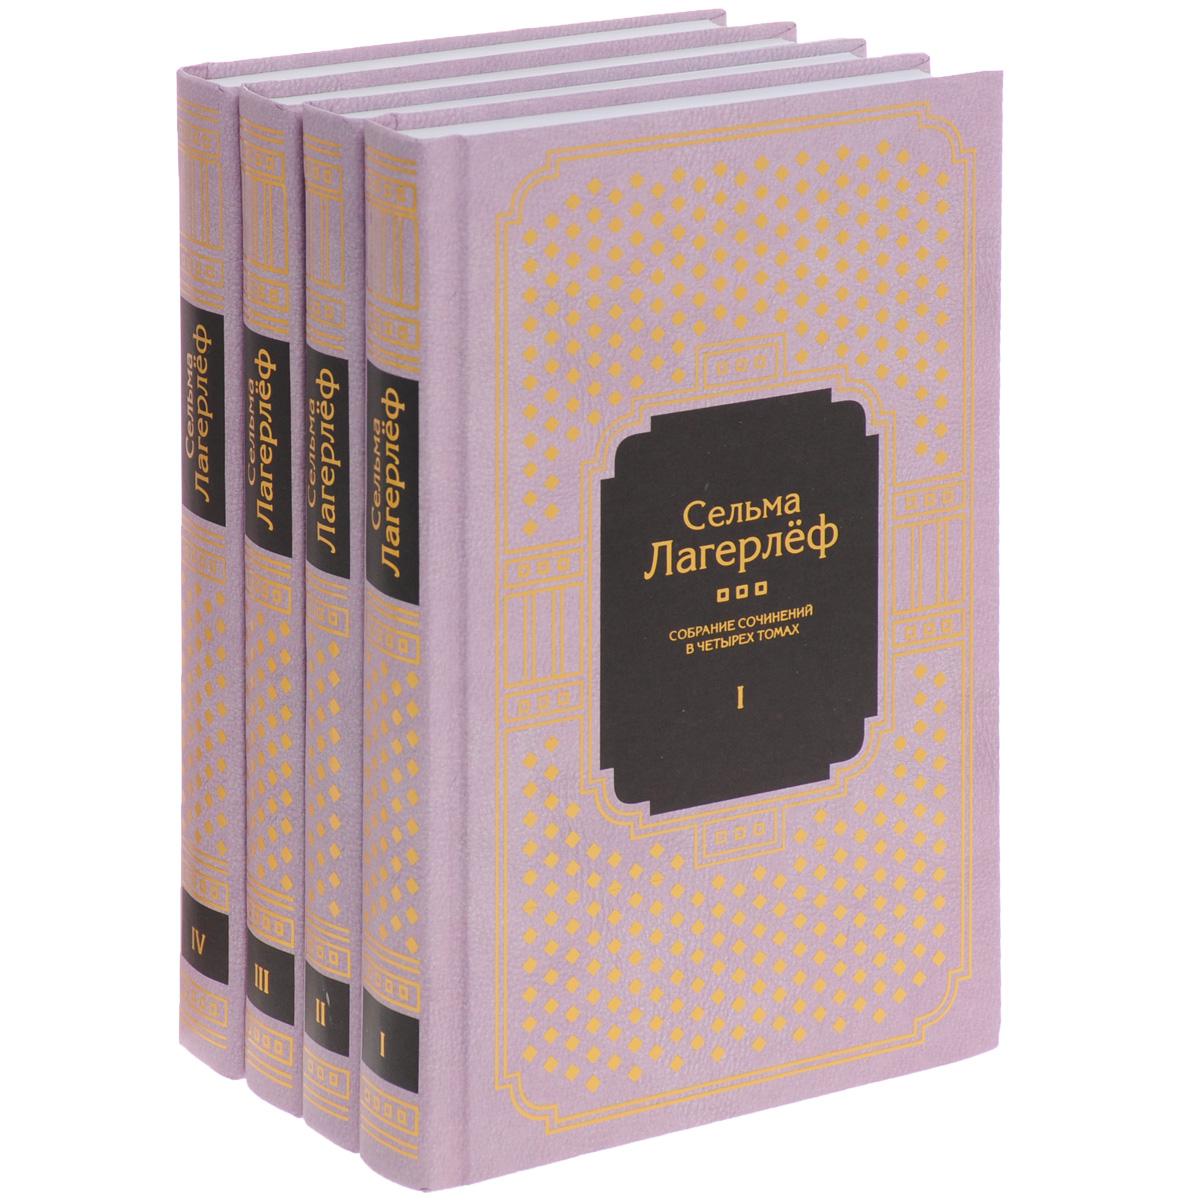 Сельма Лагерлеф Сельма Лагерлеф. Собрание сочинений в 4 томах (комплект из 4 книг) ISBN: 978-5-4224-1009-5, 978-5-4224-1010-1, 978-5-4224-1011-8, 978-5-4224-1012-5, 978-5-4224-1013-2 алексей шишов екатерина дашкова isbn 978 5 4224 0753 8